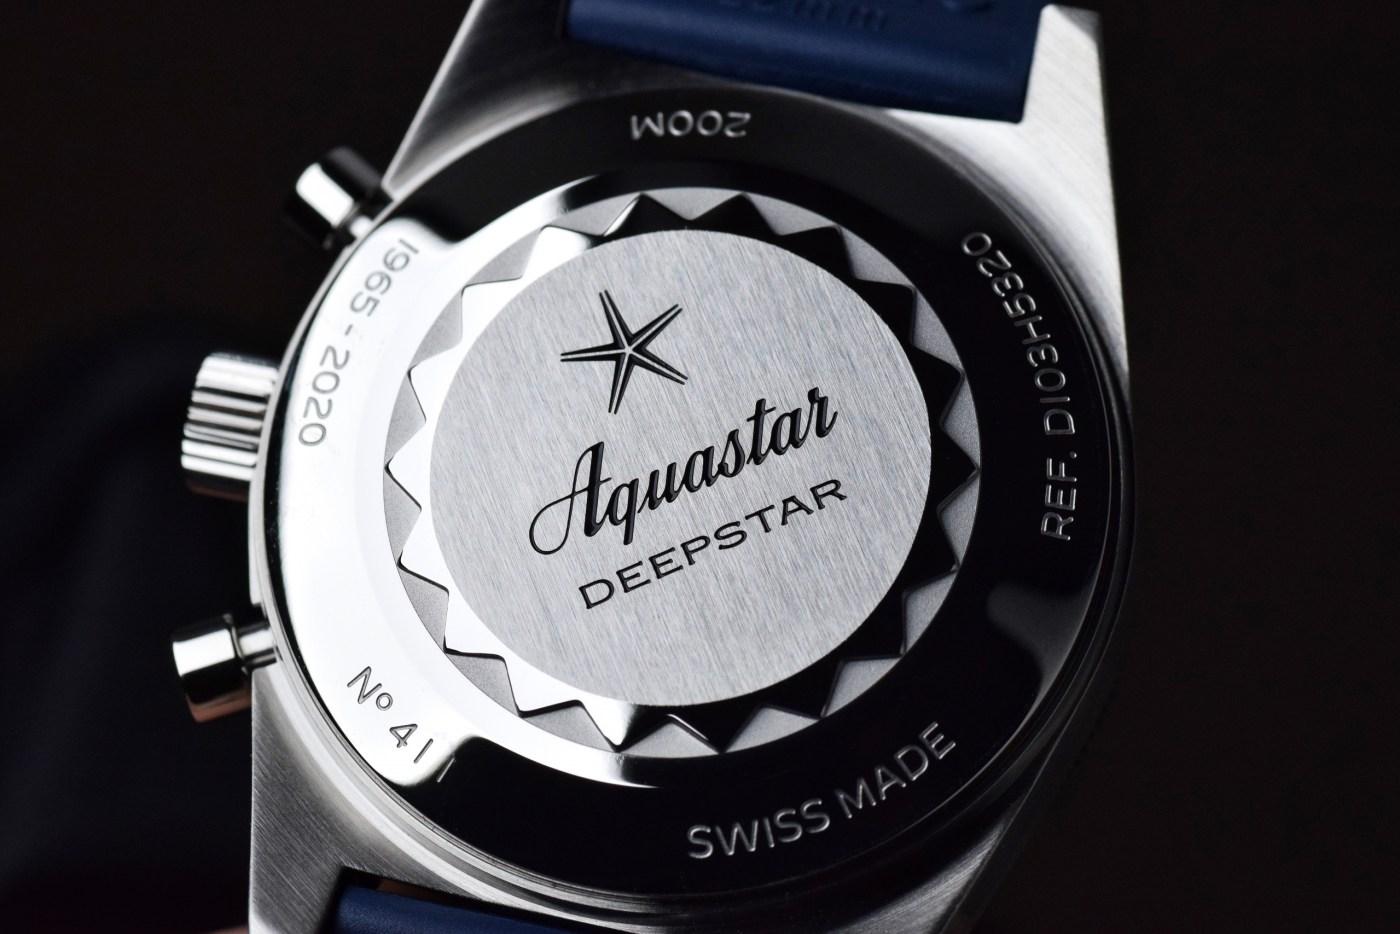 Aquastar Deepstar 2020 Re-Edition caseback